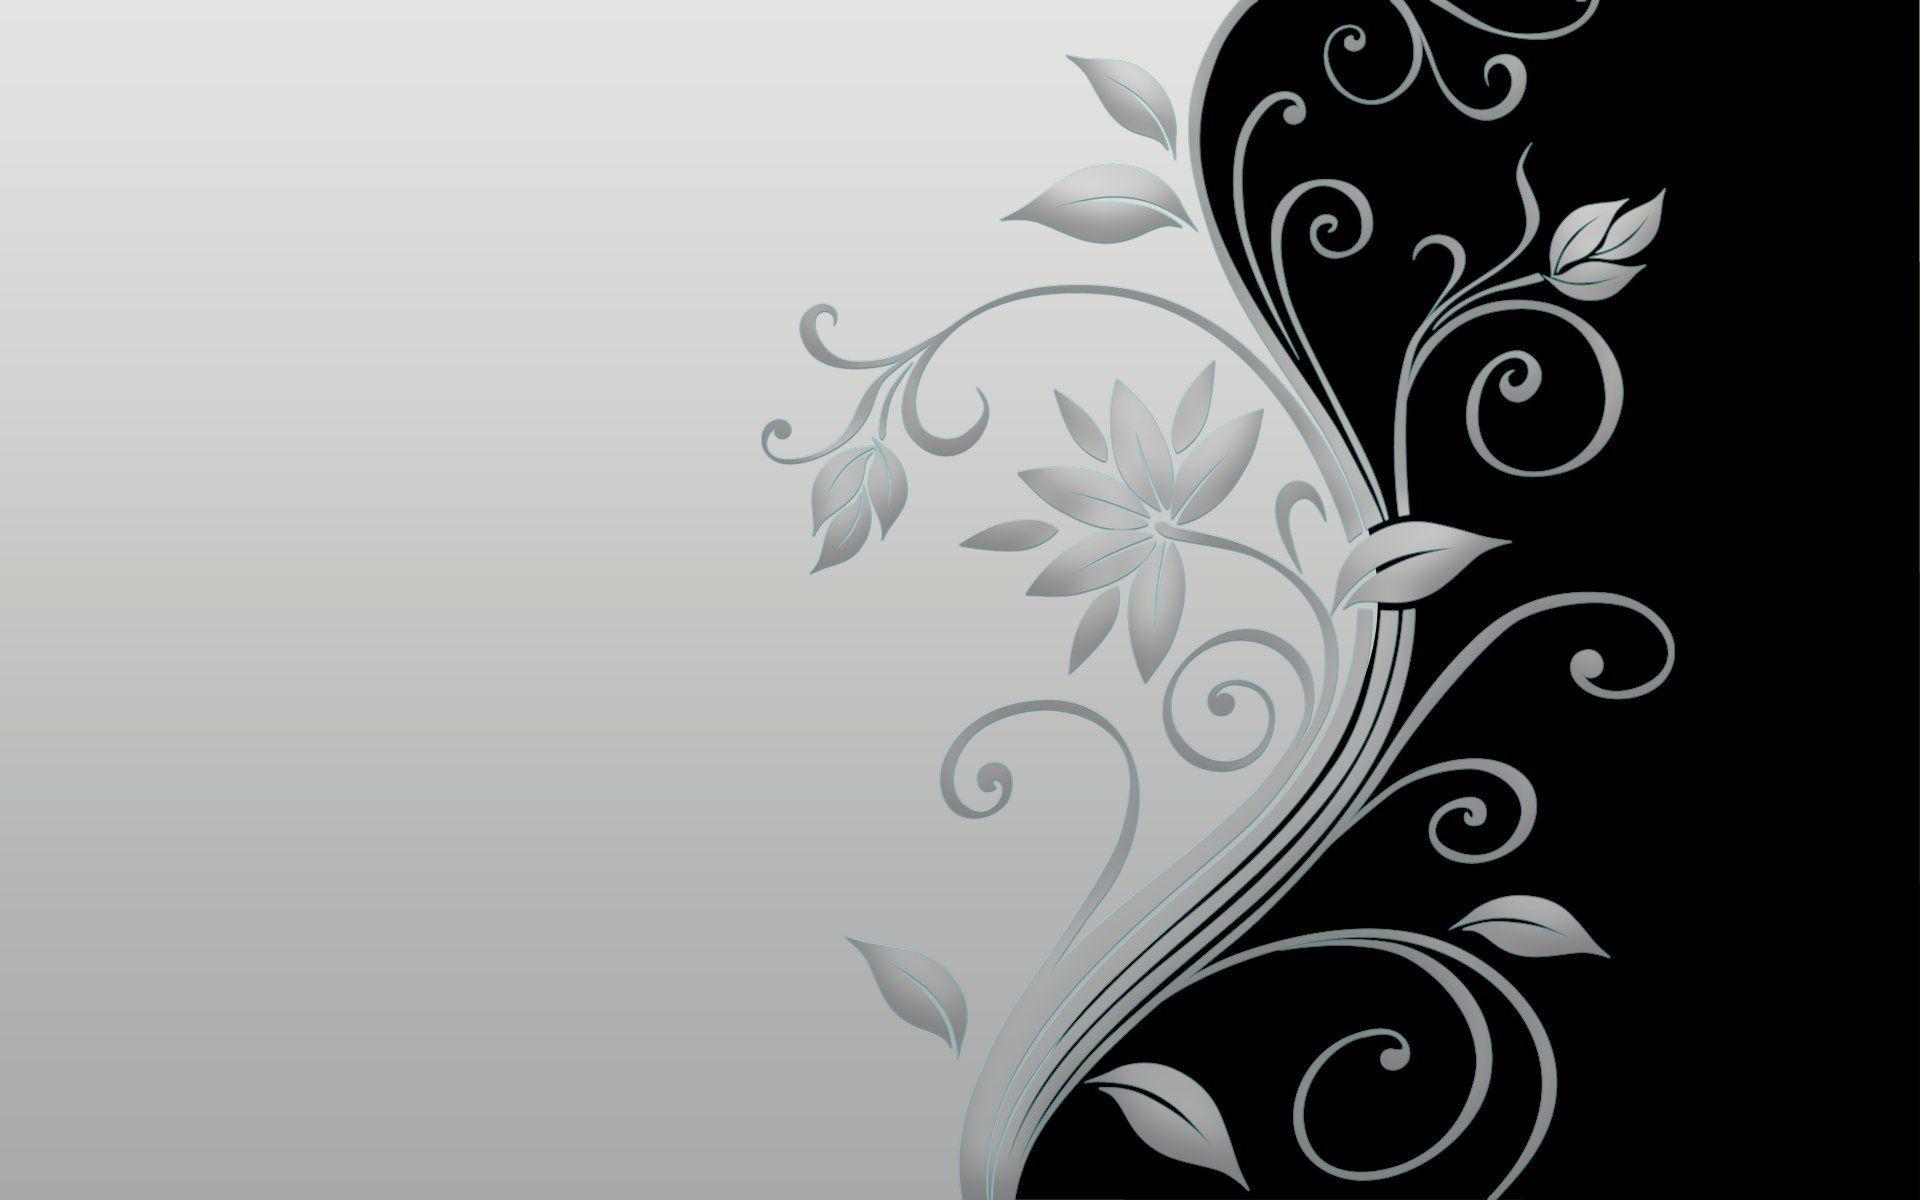 Abstract Design Flower Wallpaper: Abstract Flowers Design HD Widescreen Desktop Wallpaper